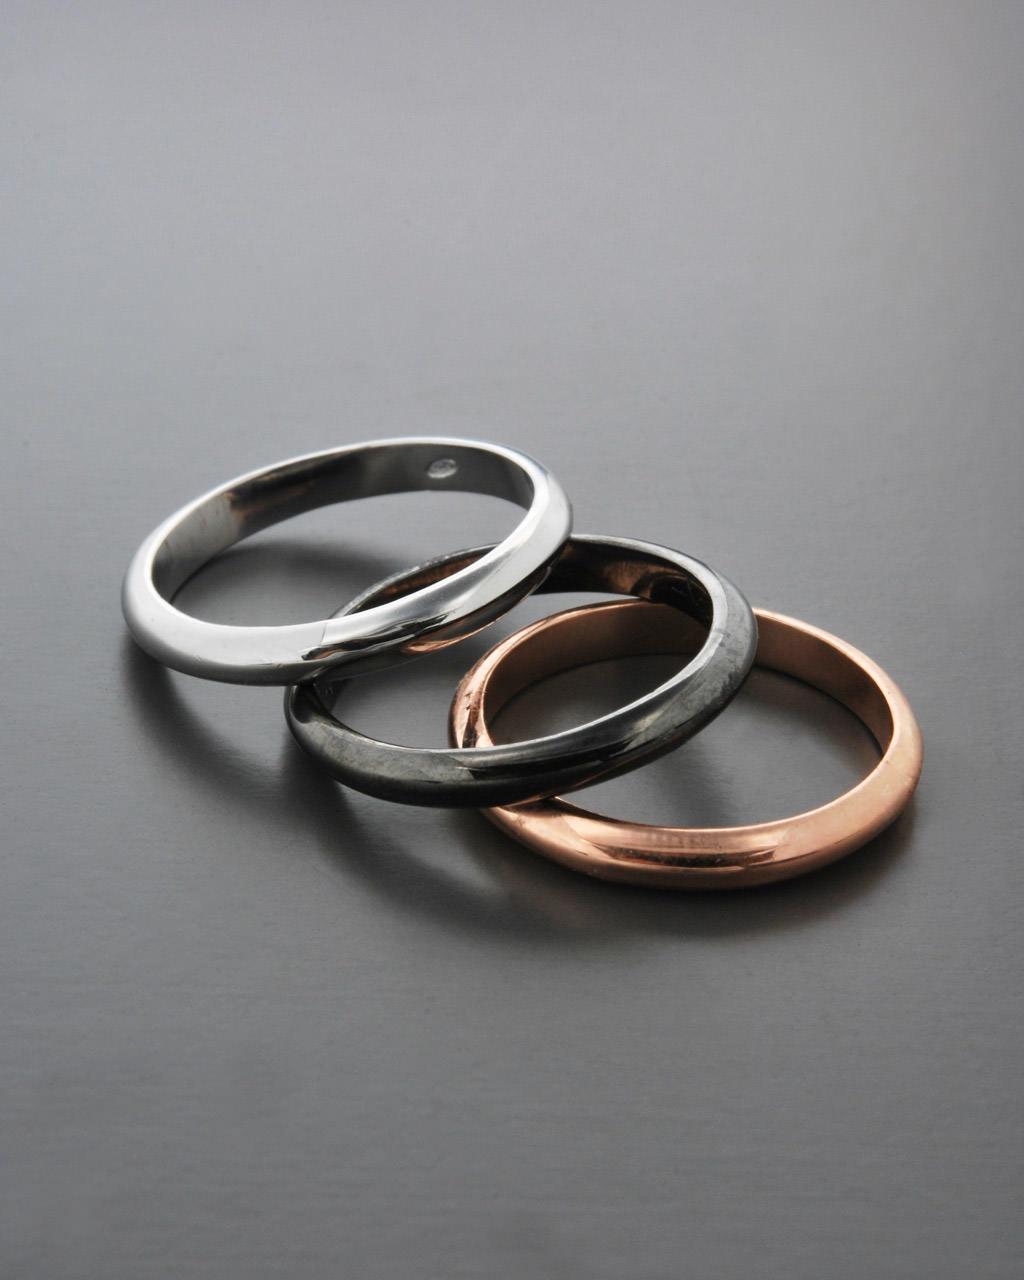 Δαχτυλίδι ασημένιο 925 τρίχρωμο   γυναικα δαχτυλίδια δαχτυλίδια ασημένια